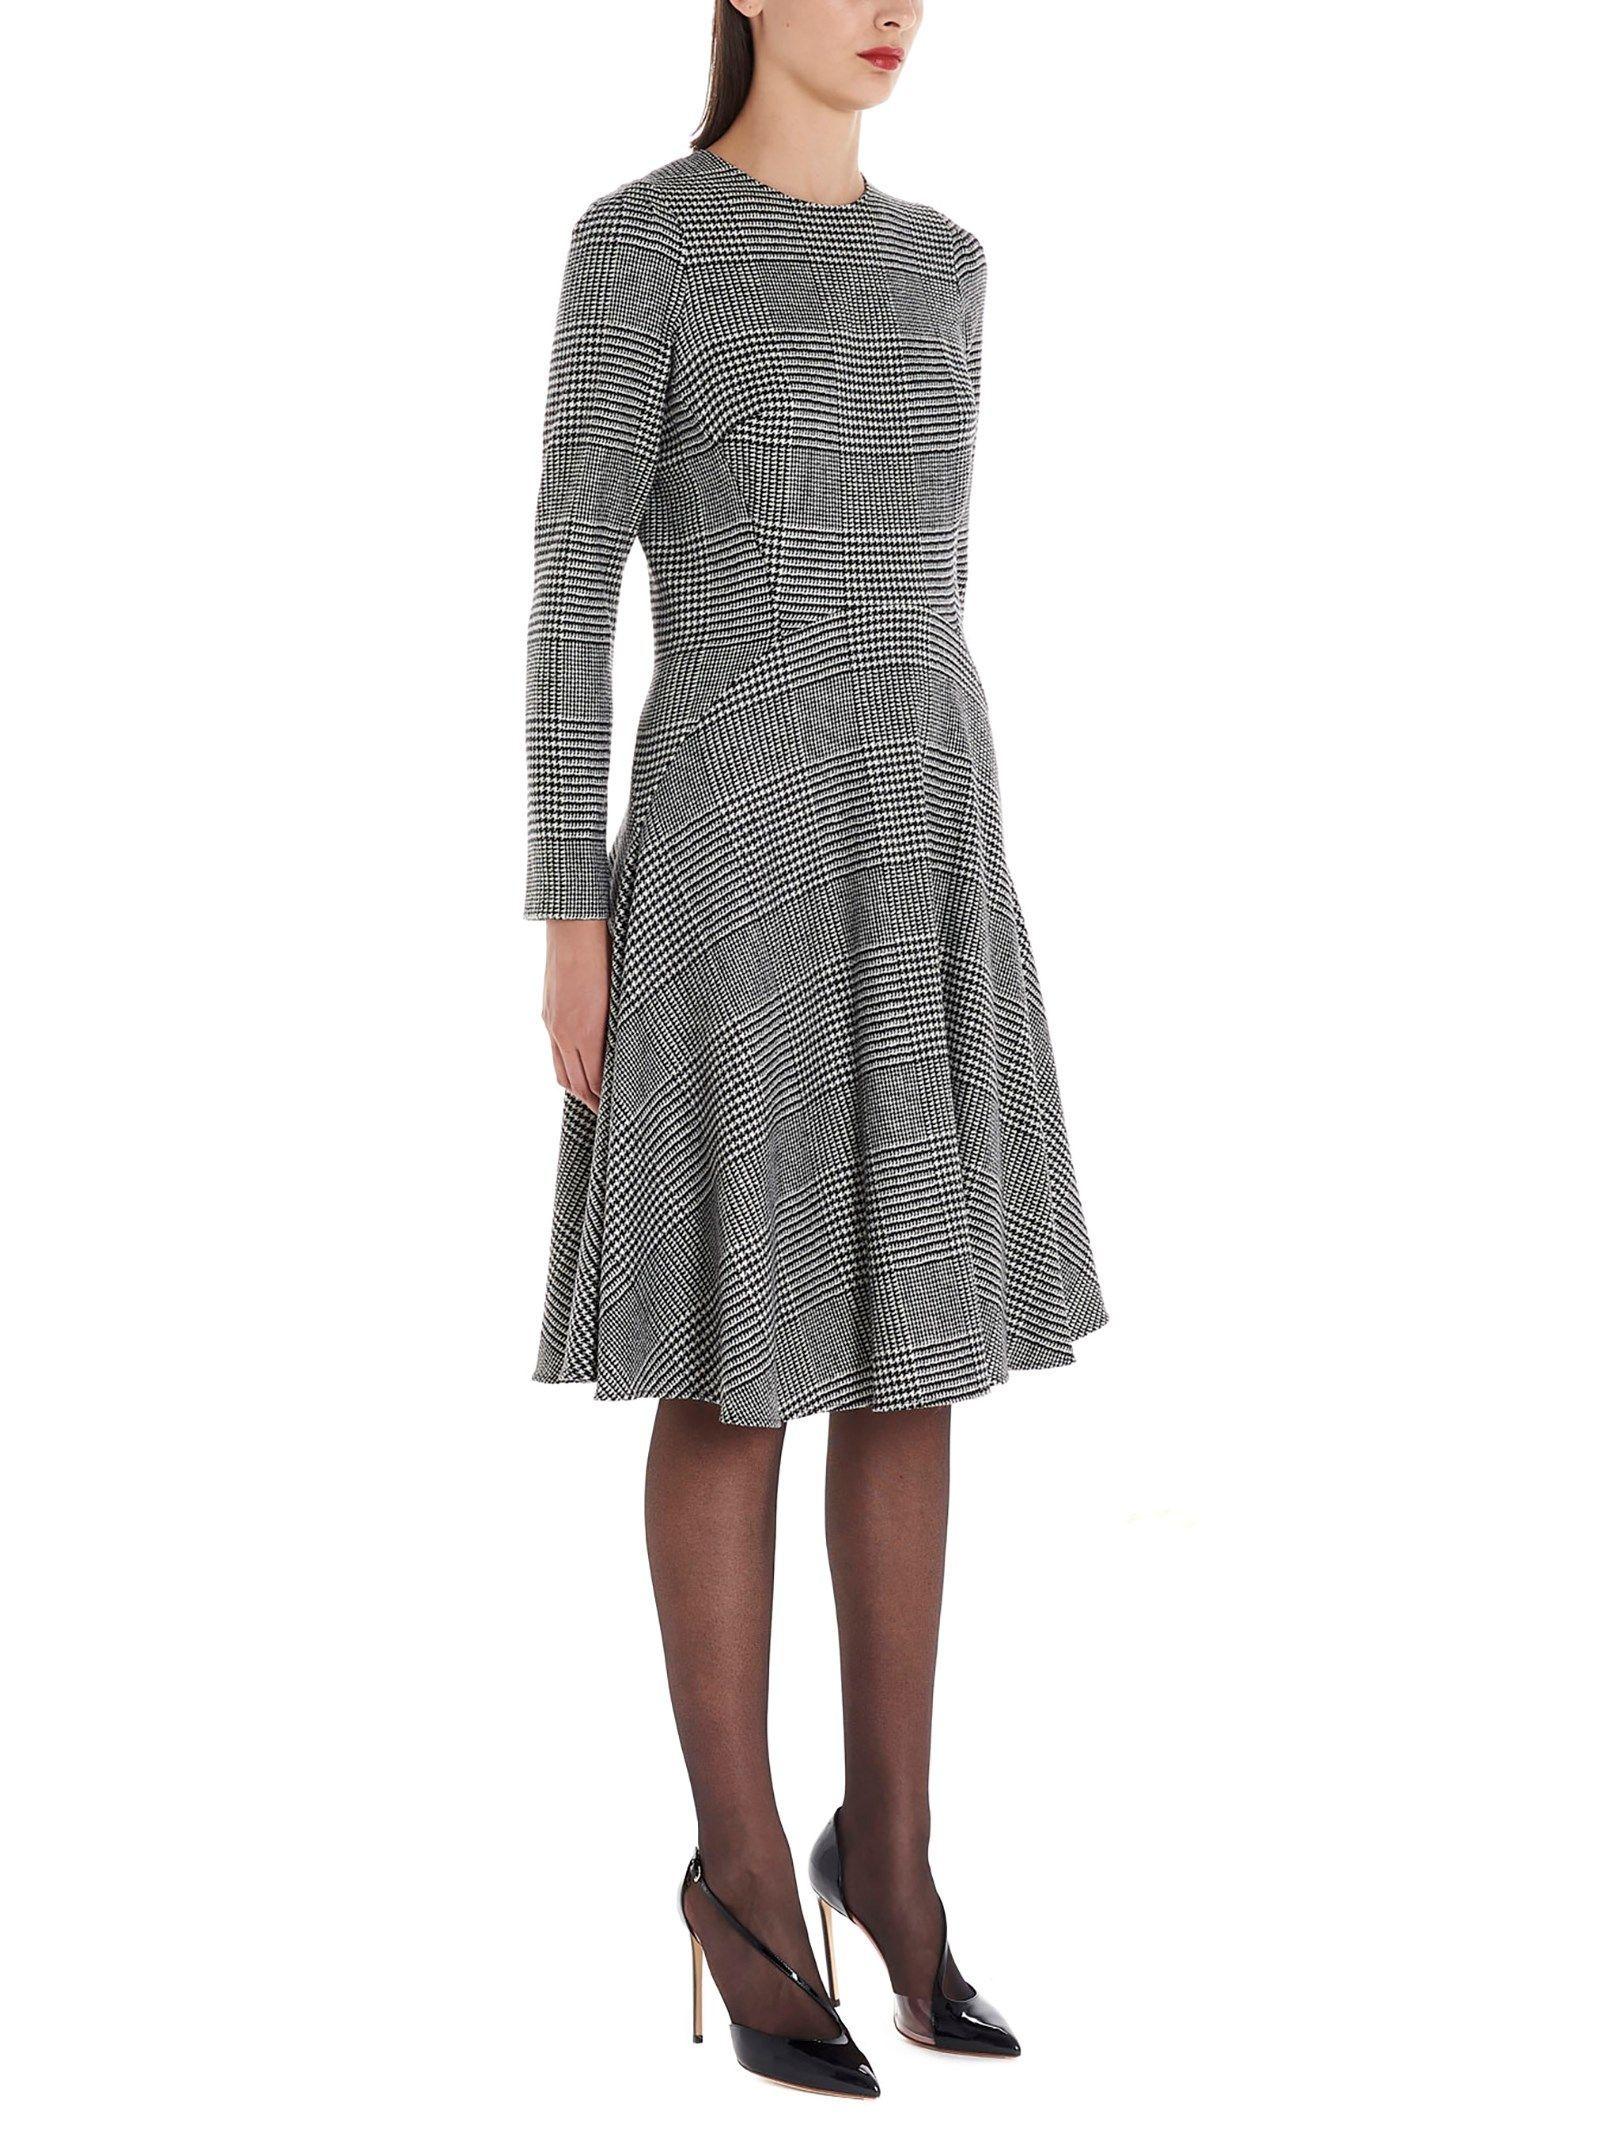 ERMANNO SCERVINO WOMEN'S D352Q746UKCG3500 GREY WOOL DRESS